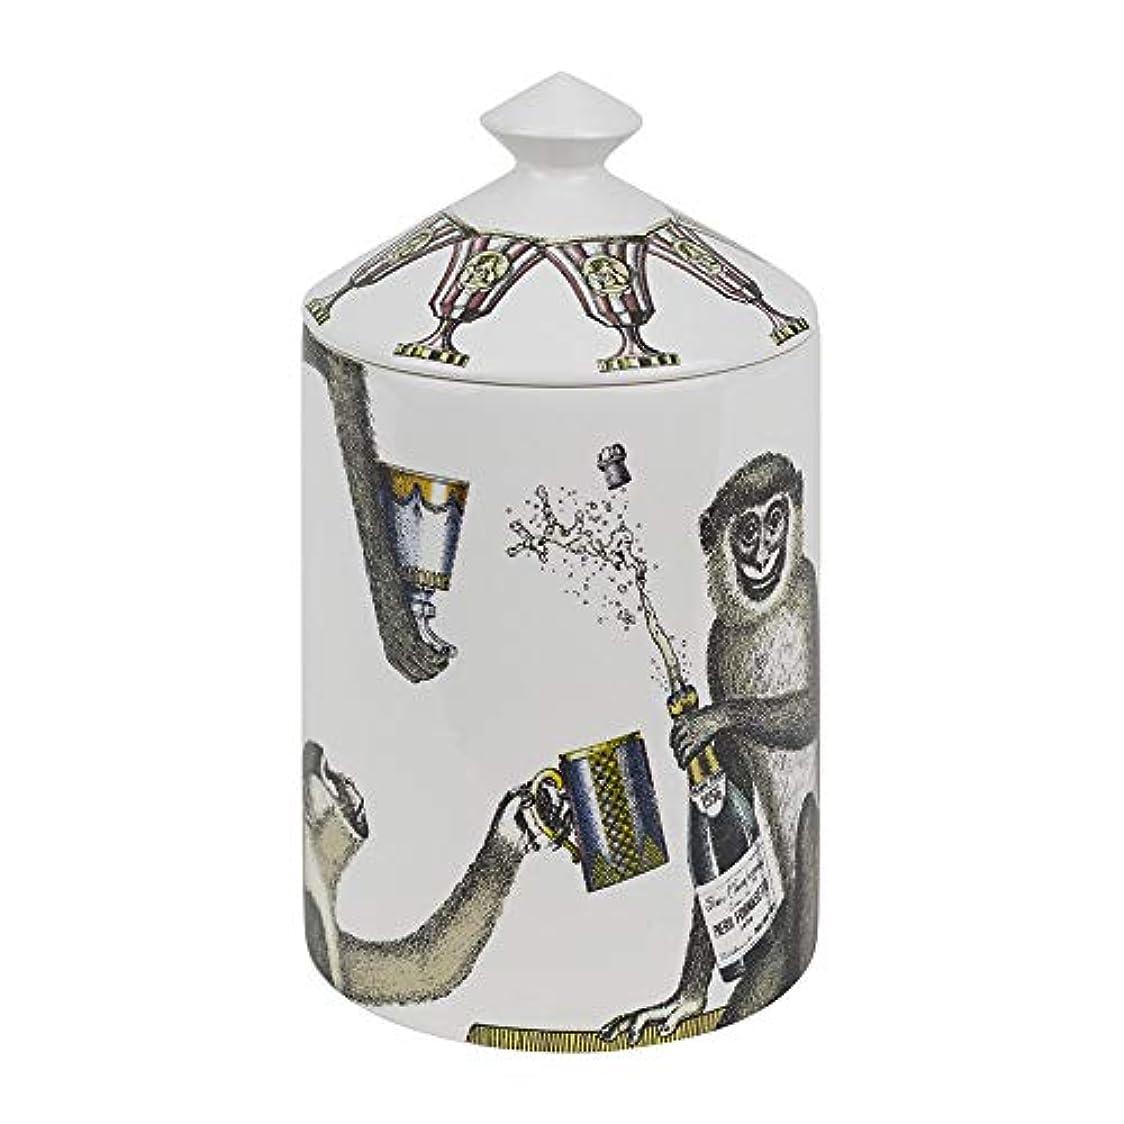 リス靴下味わうフォルナセッティ アペリティーヴォ センテッド キャンドル 300g(Fornasetti Aperitivo Scented Candle 300g) [並行輸入品]